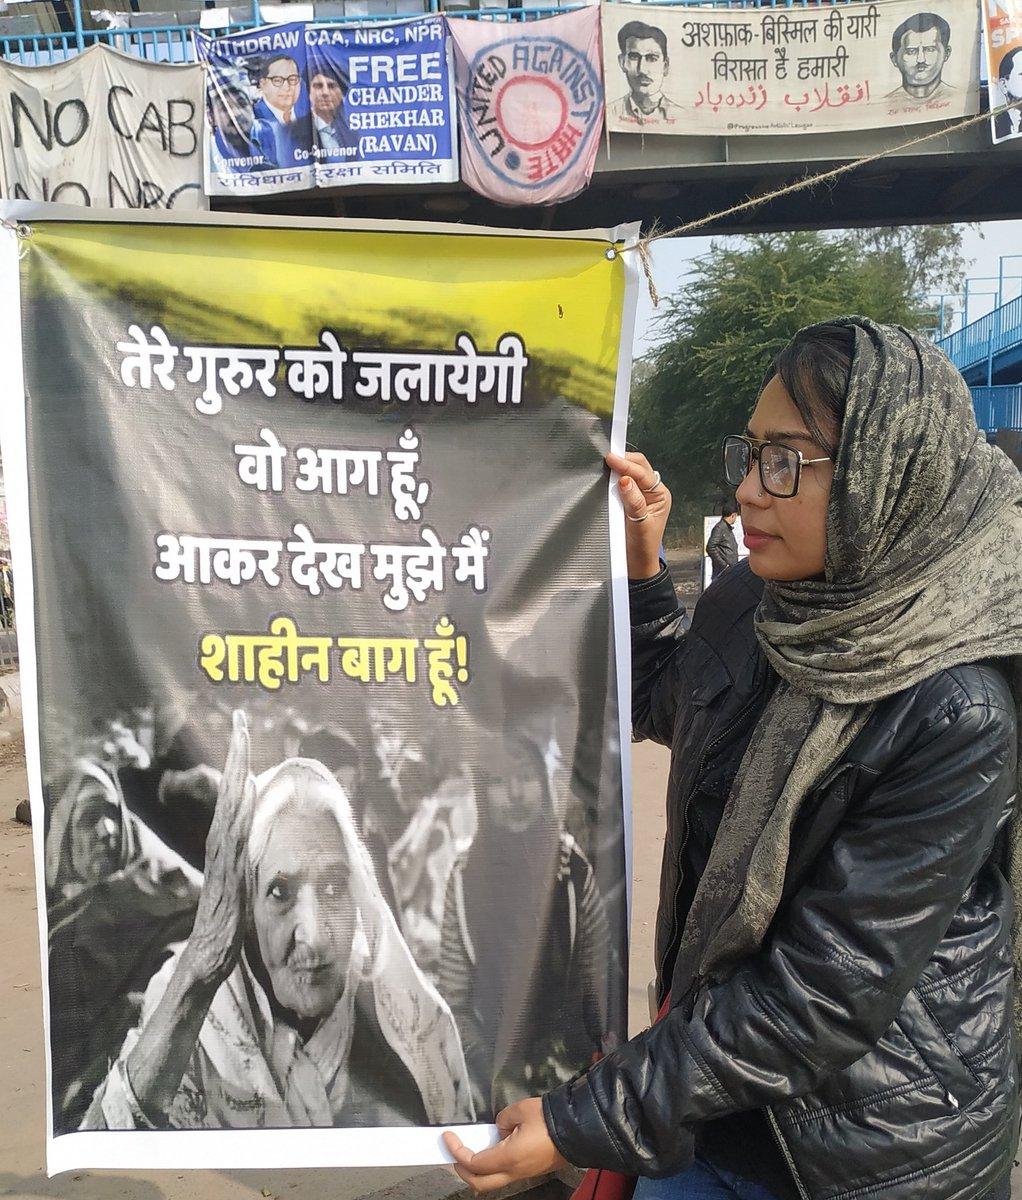 प्यार बांटो, देश नहीं ।क्योंकि कितना भी जोर लगा लो, हम देश नहीं बंटने देंगे ।#ShaheenBaghProtests #shaheenbaghsham #ShaheenBaghStandOff #ShaheenBagh – at Shaheen Bagh Block G